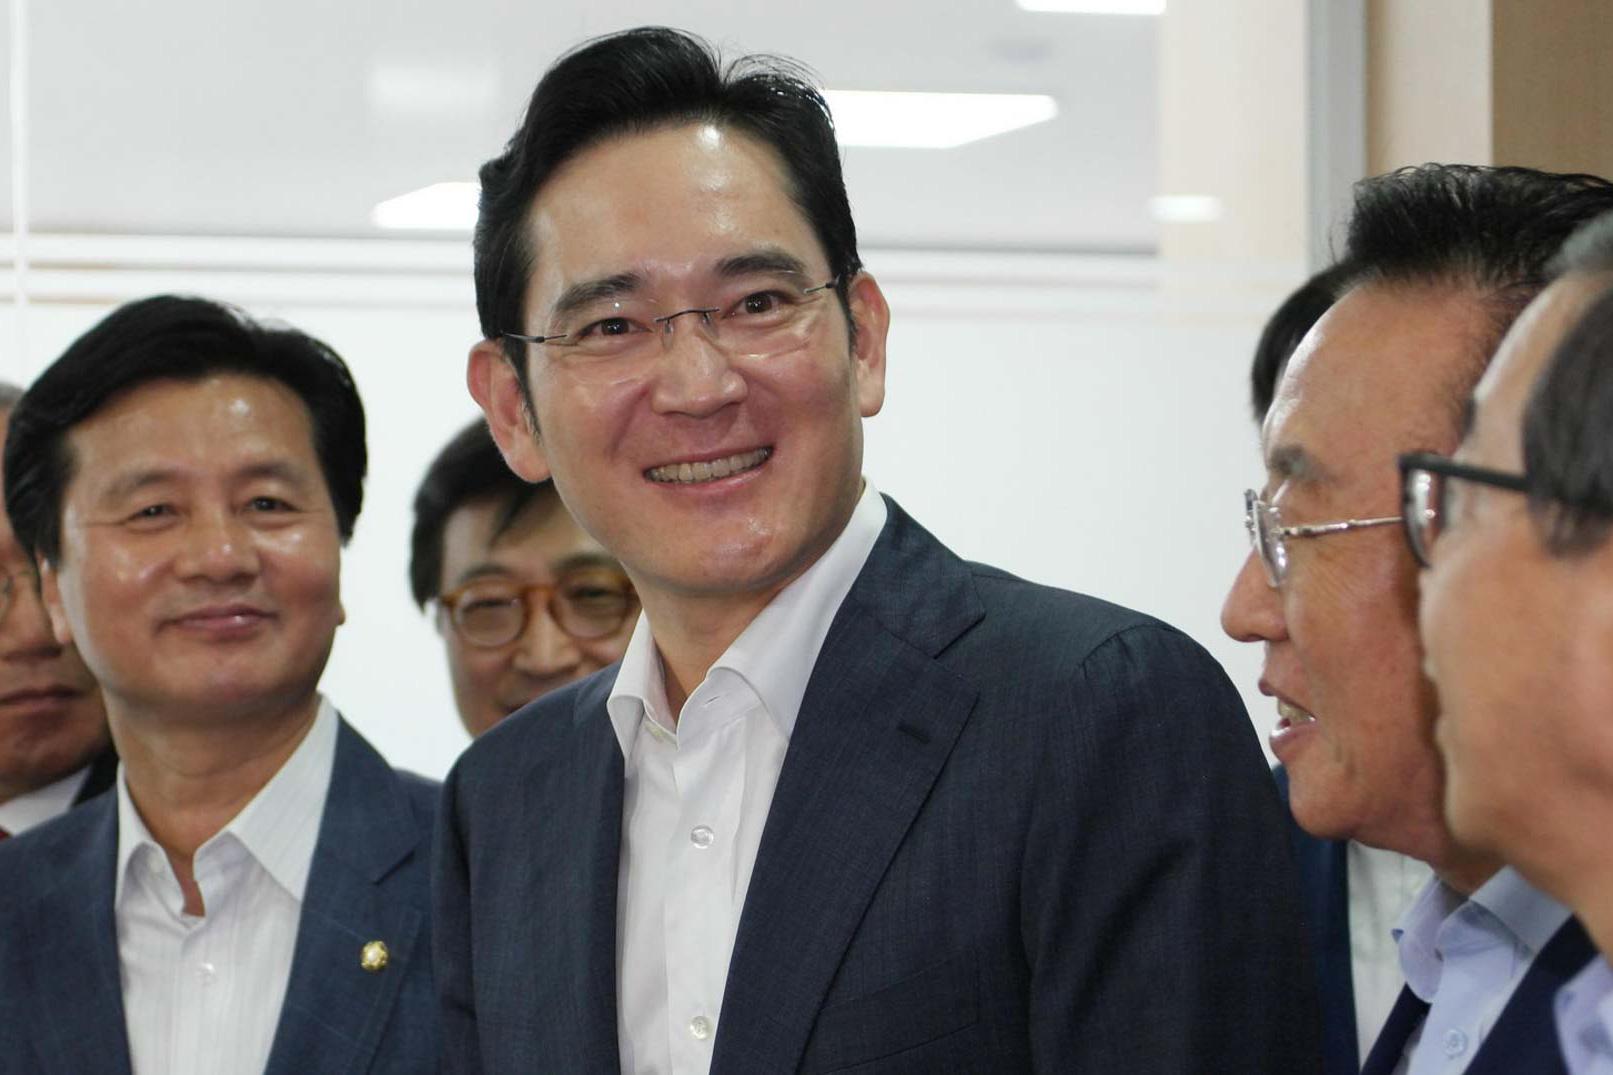 'Thái tử Samsung' - minh chứng cho sự tài năng và khiêm nhường hiếm có